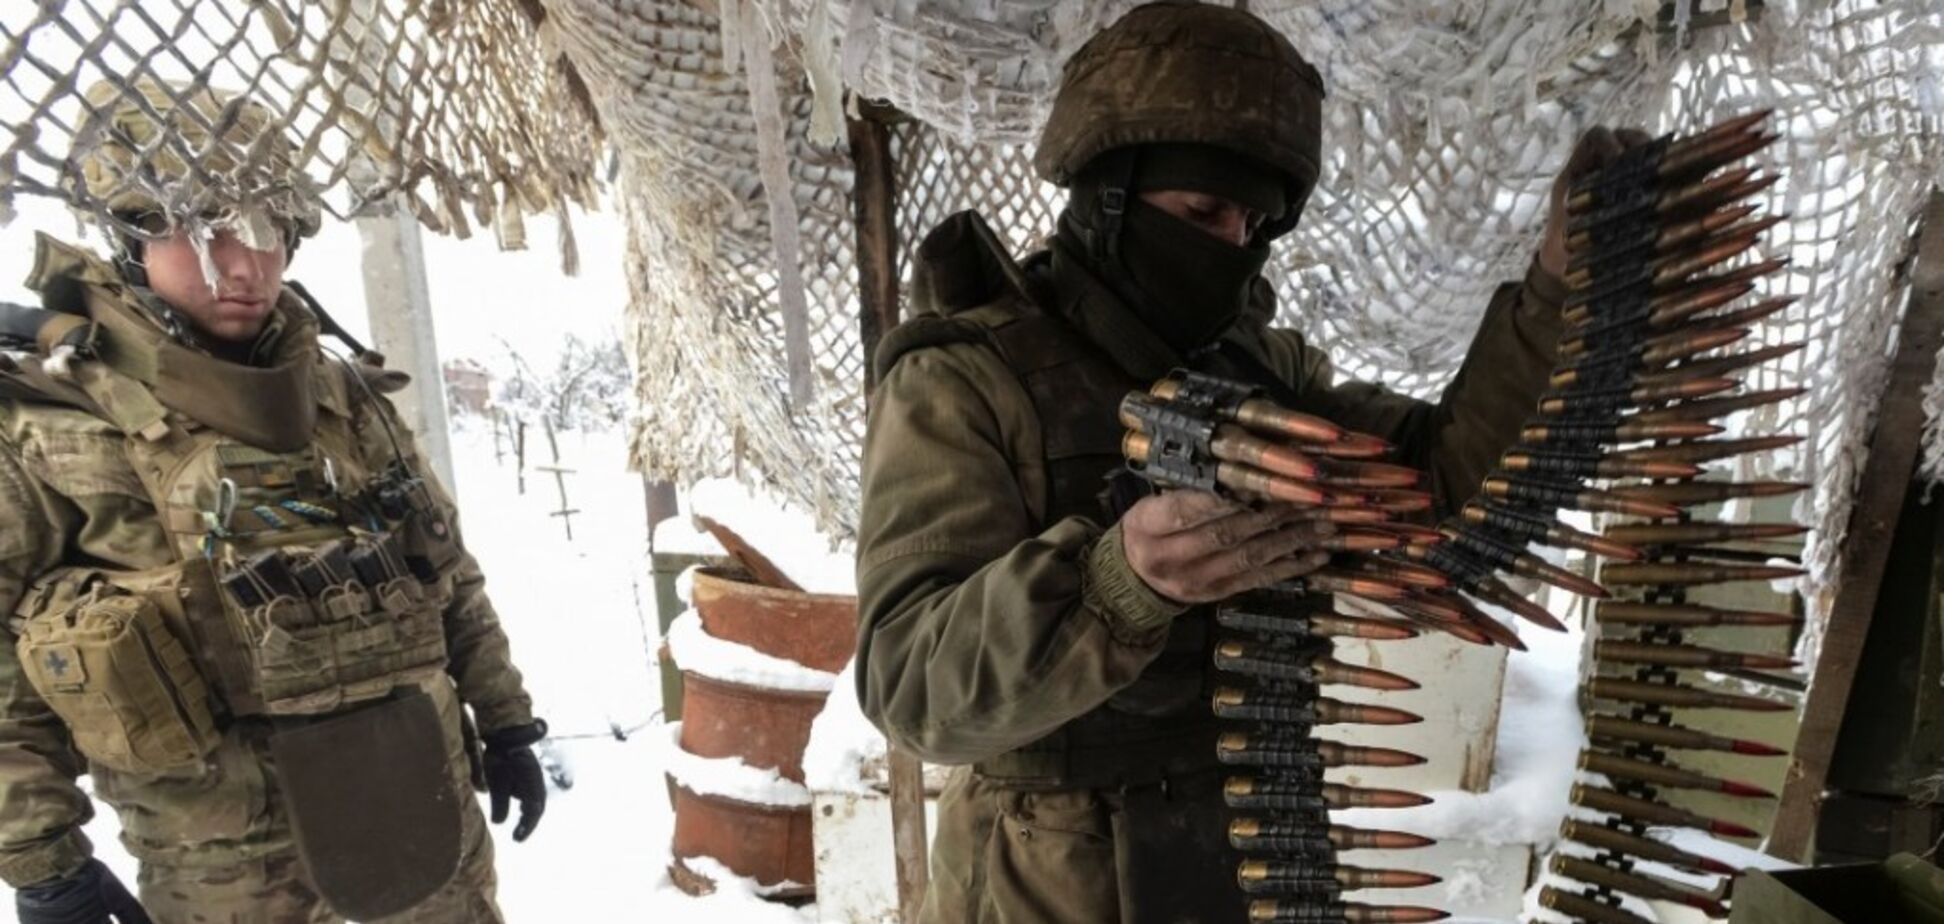 ВСУ ударили по 'Л/ДНР' на Донбассе: есть убитые